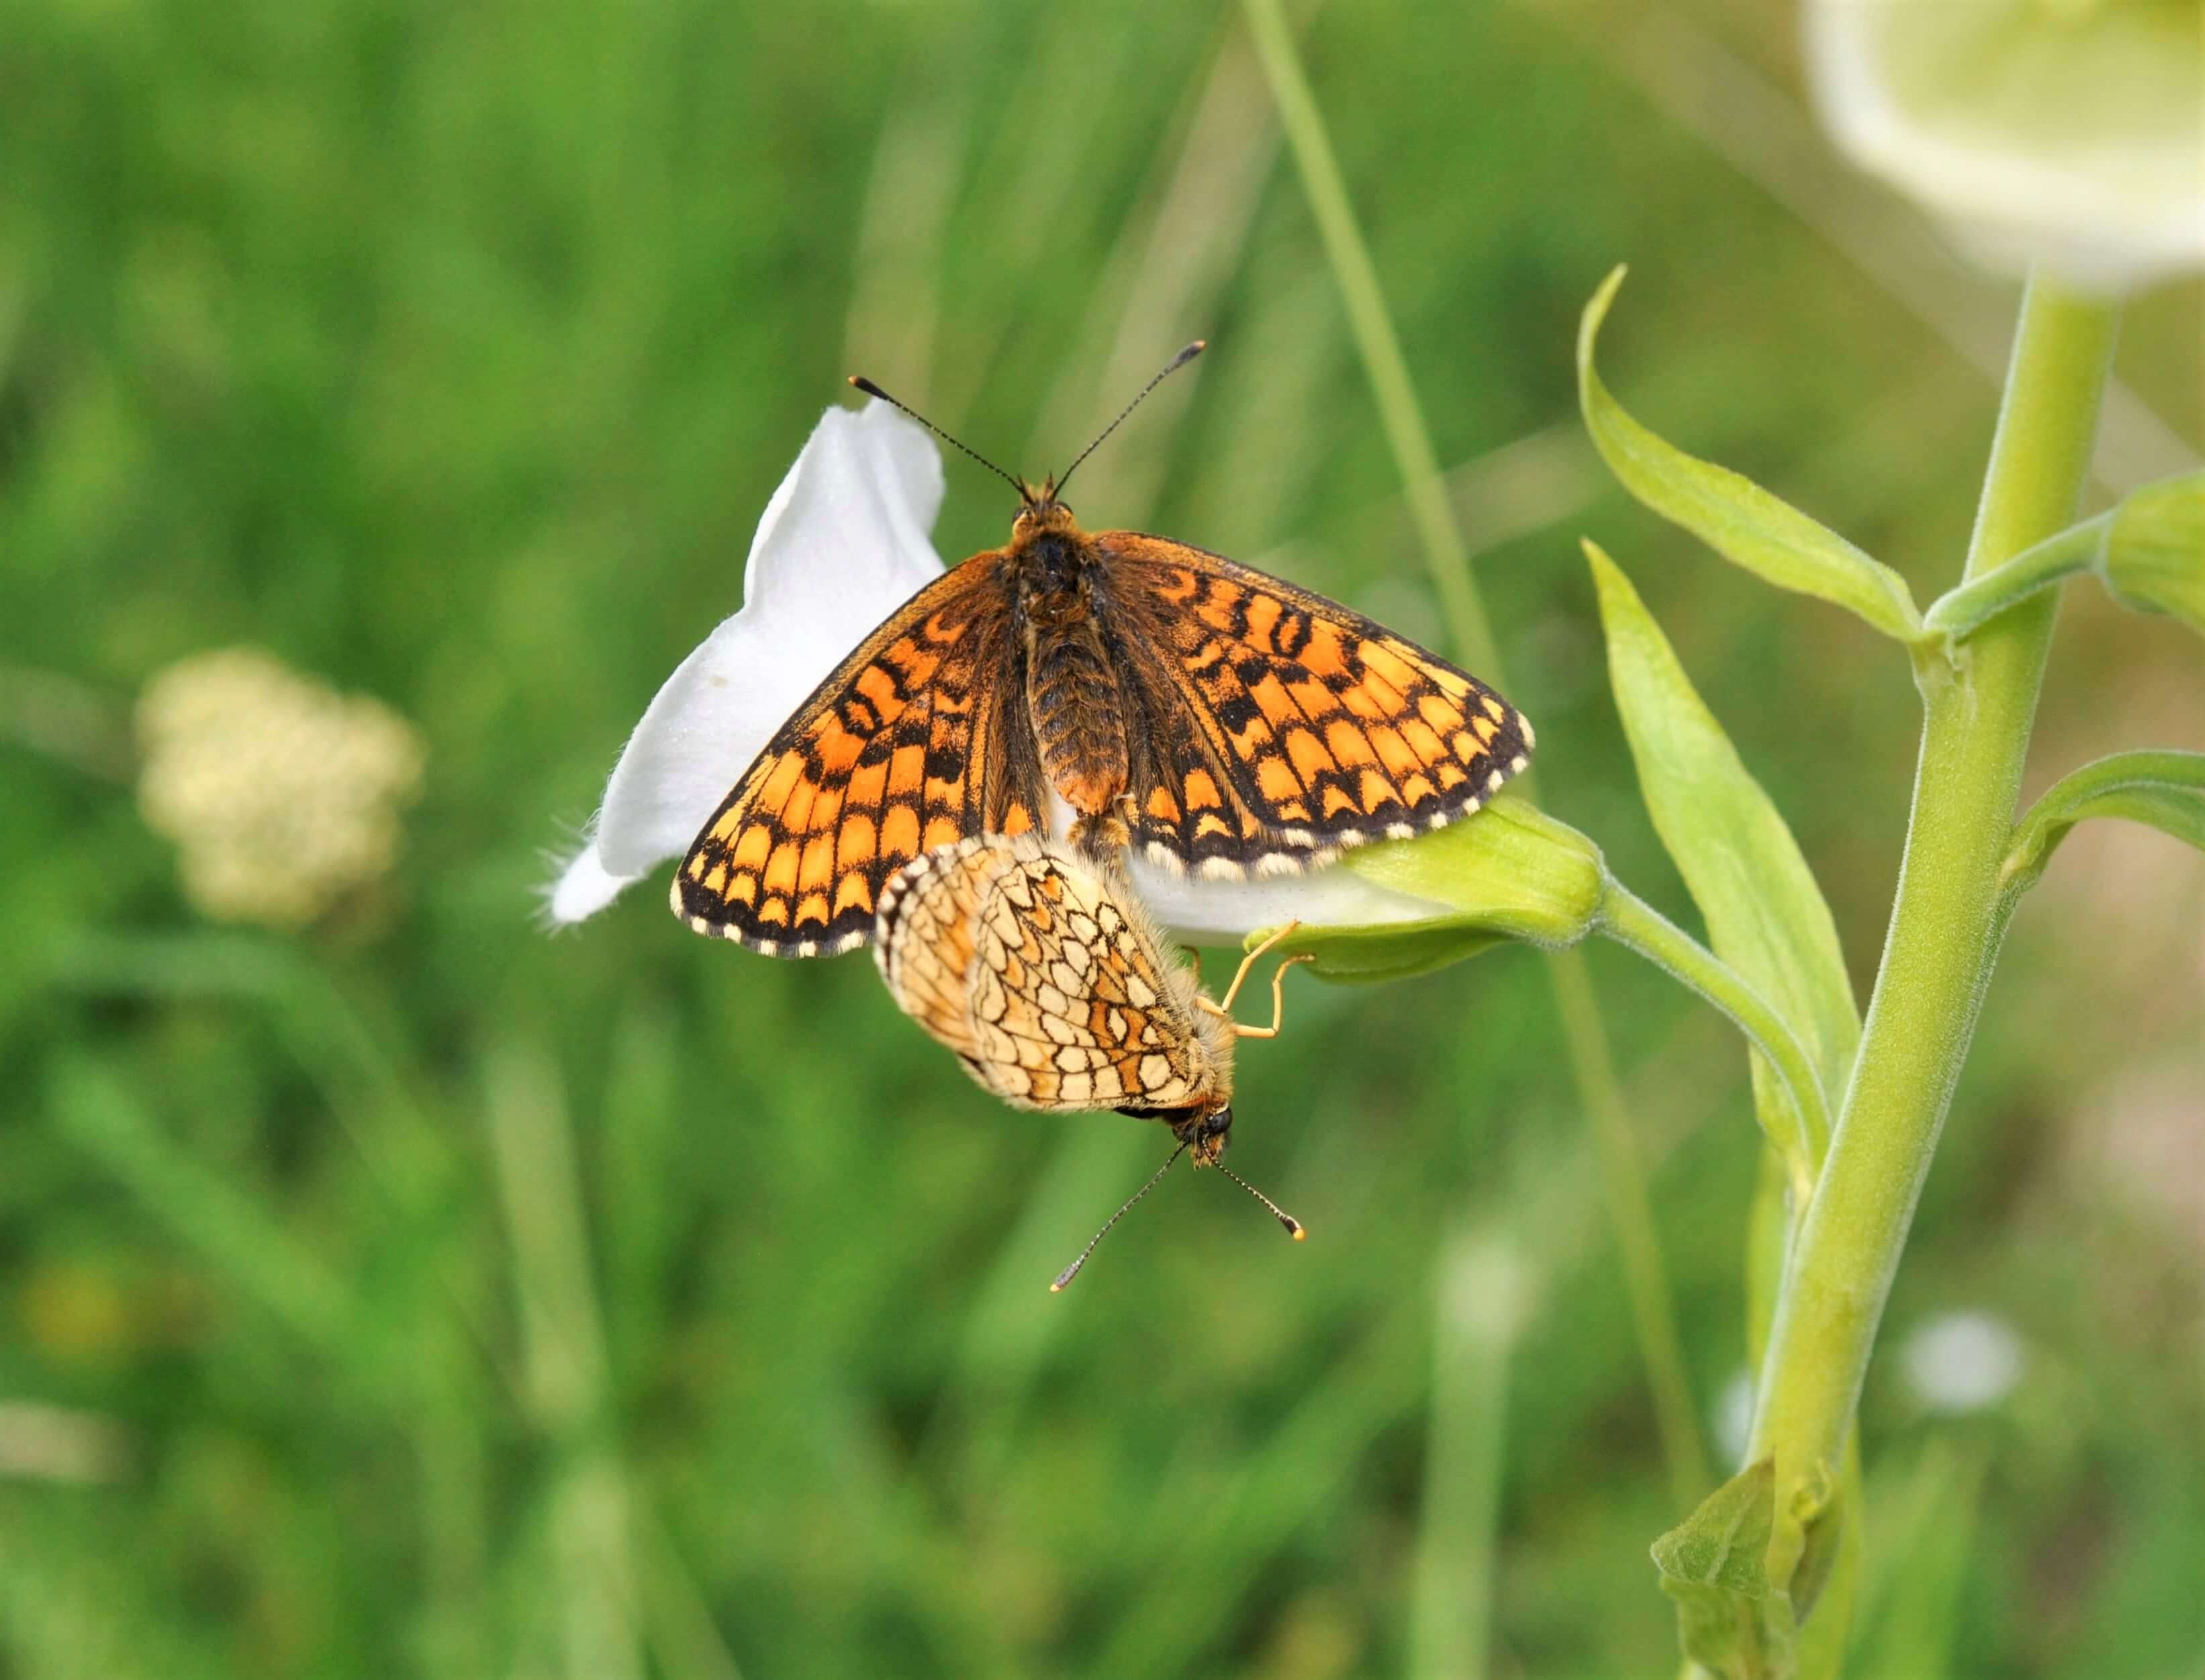 två skogsnätfjärilar parar sig sittandes på en vit fingerborgsblomma. ena fjärilen har utslagna, bakställda, vingar